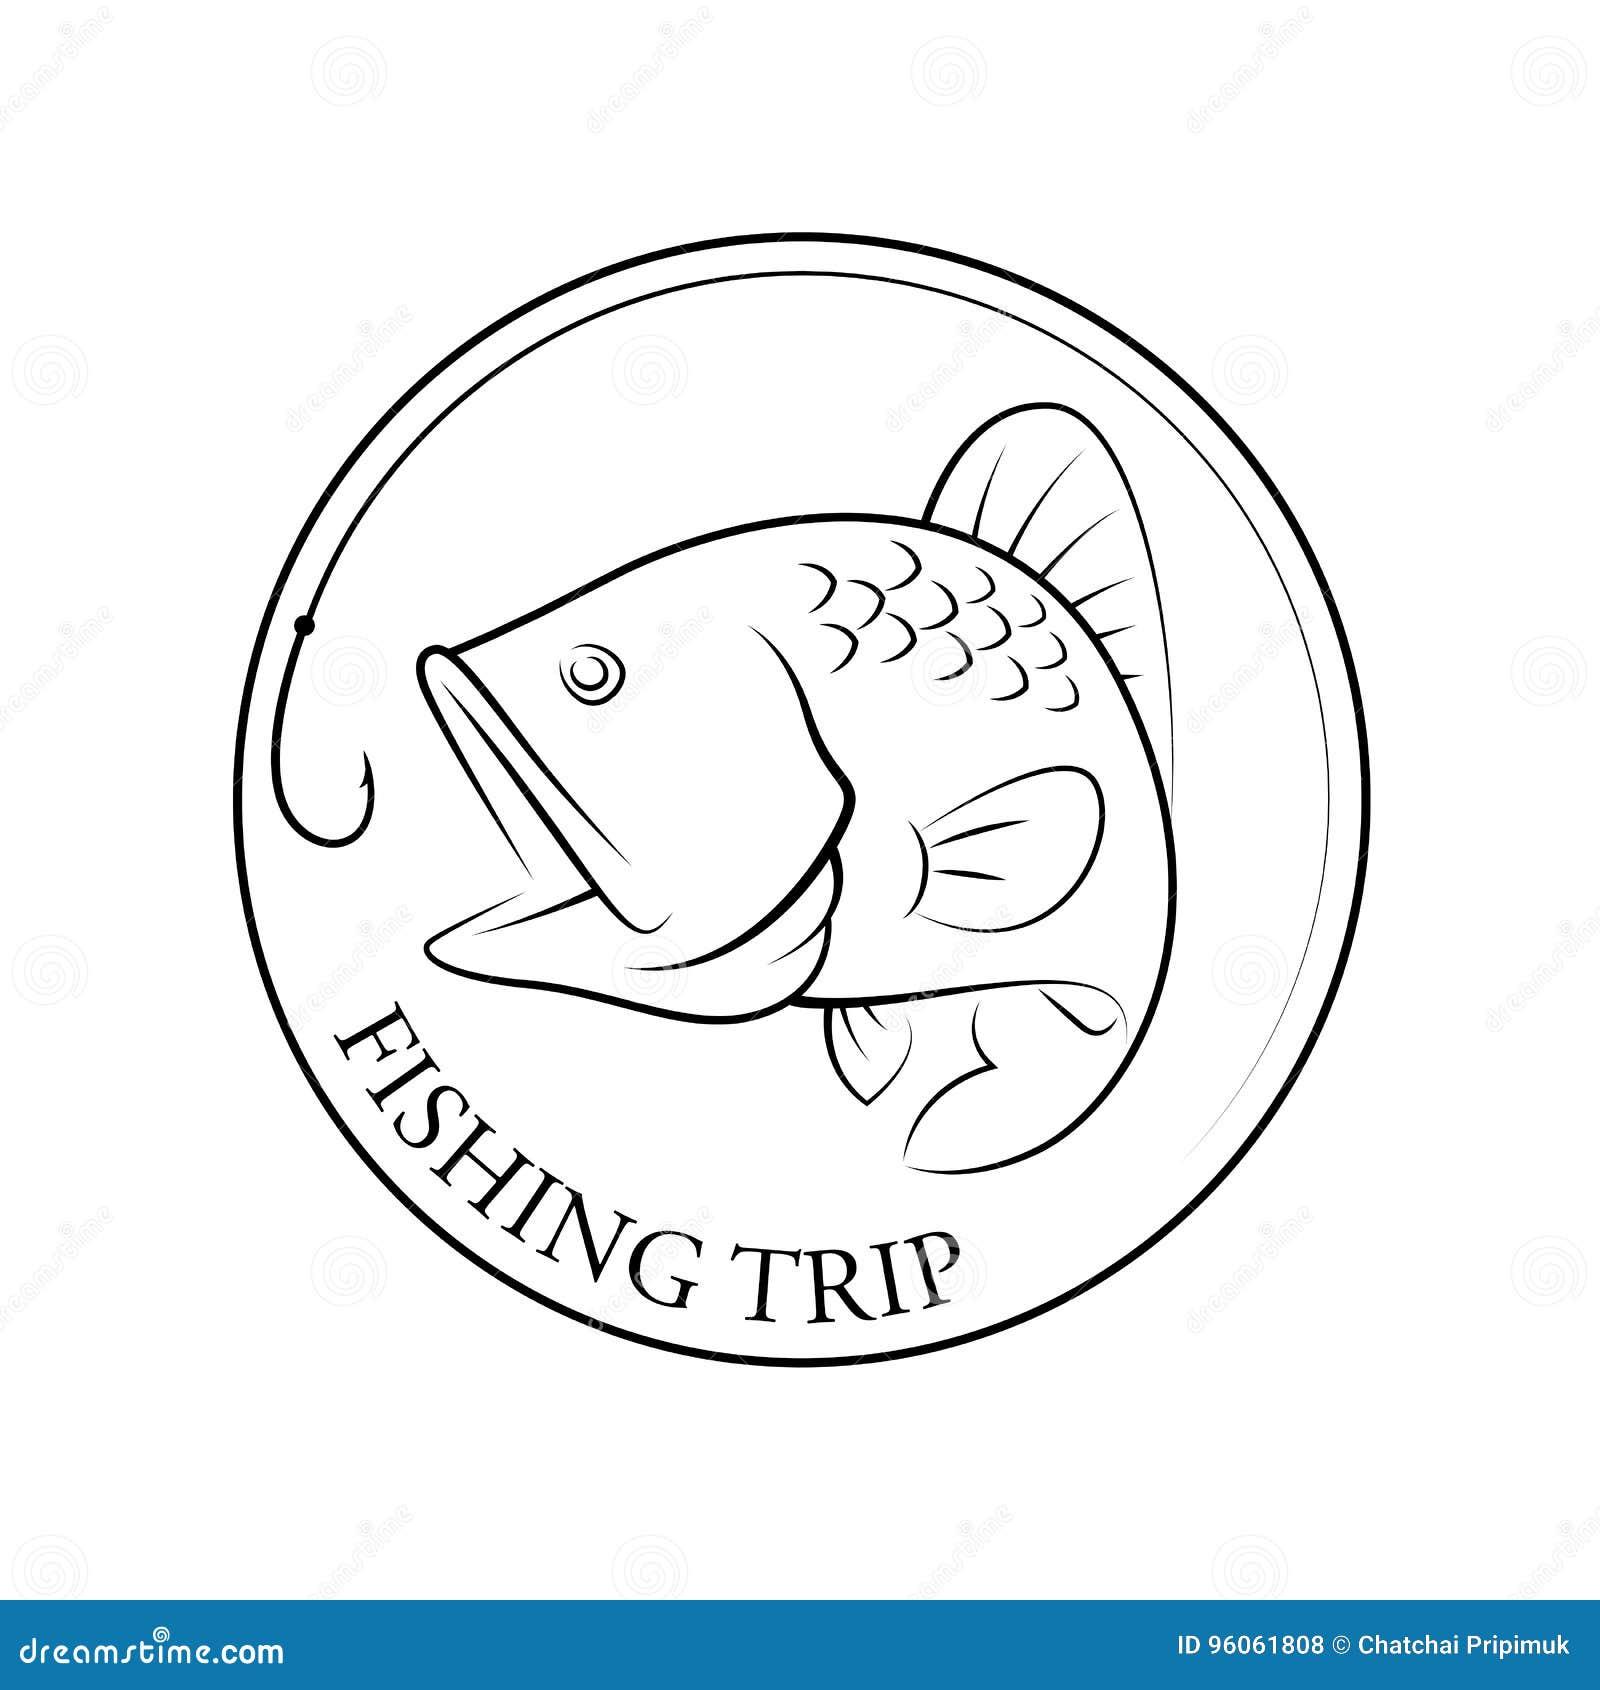 Voyage de pêche graphique, vecteur